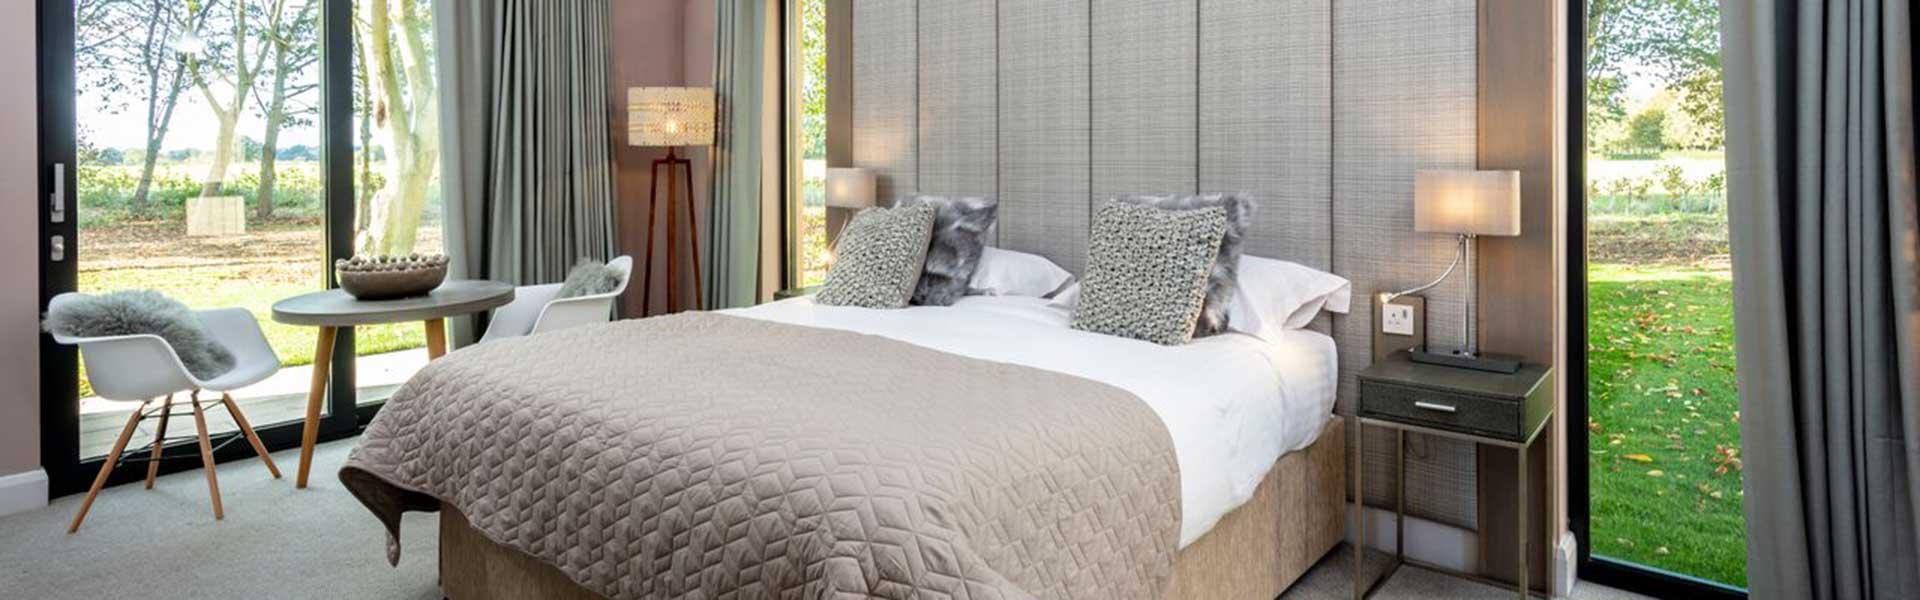 Bedroom design at Park Farm in Hethersett